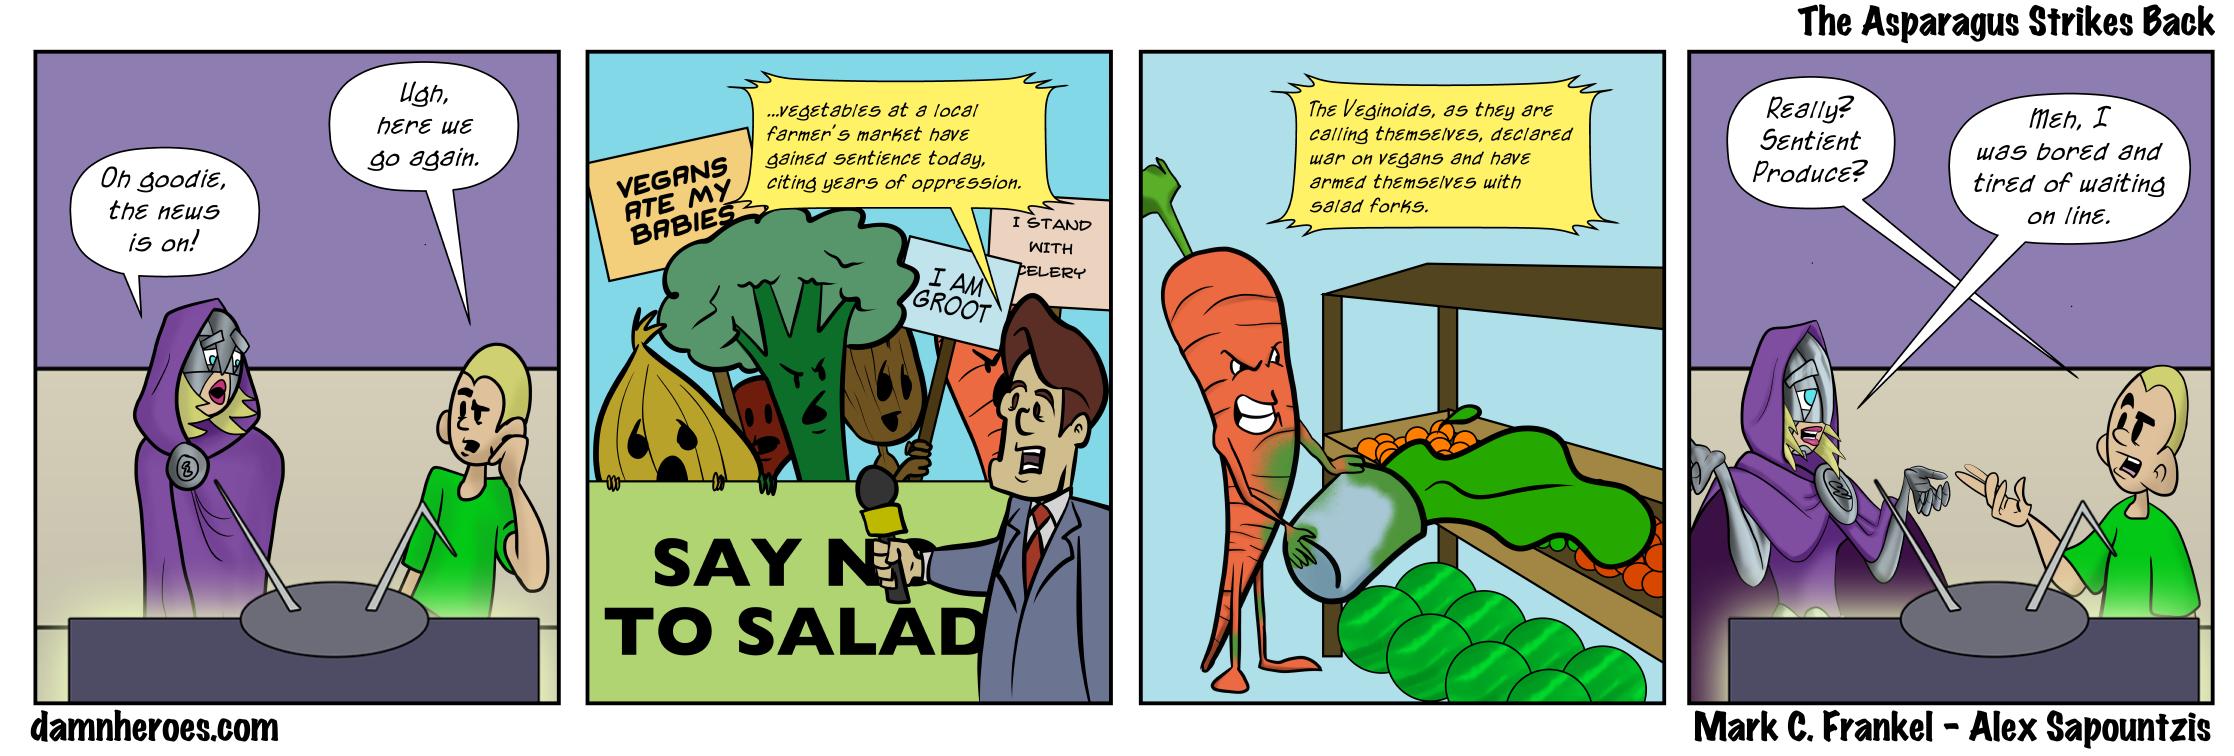 The Asparagus Strikes Back